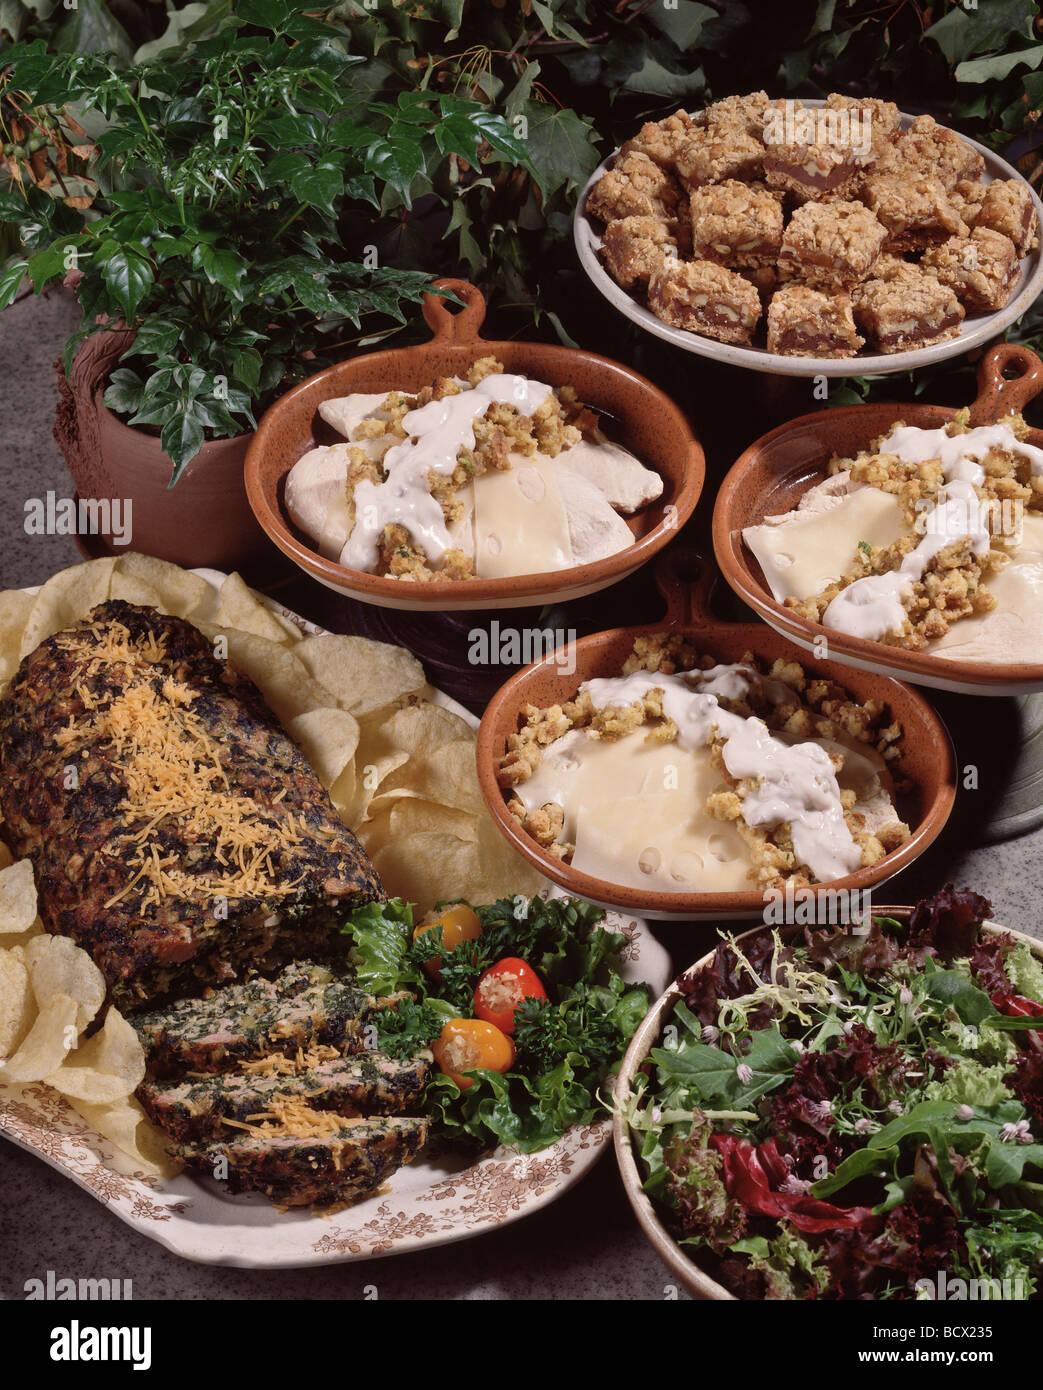 Asombroso Cocina De La Cocina Del País Ma Motivo - Como Decorar la ...